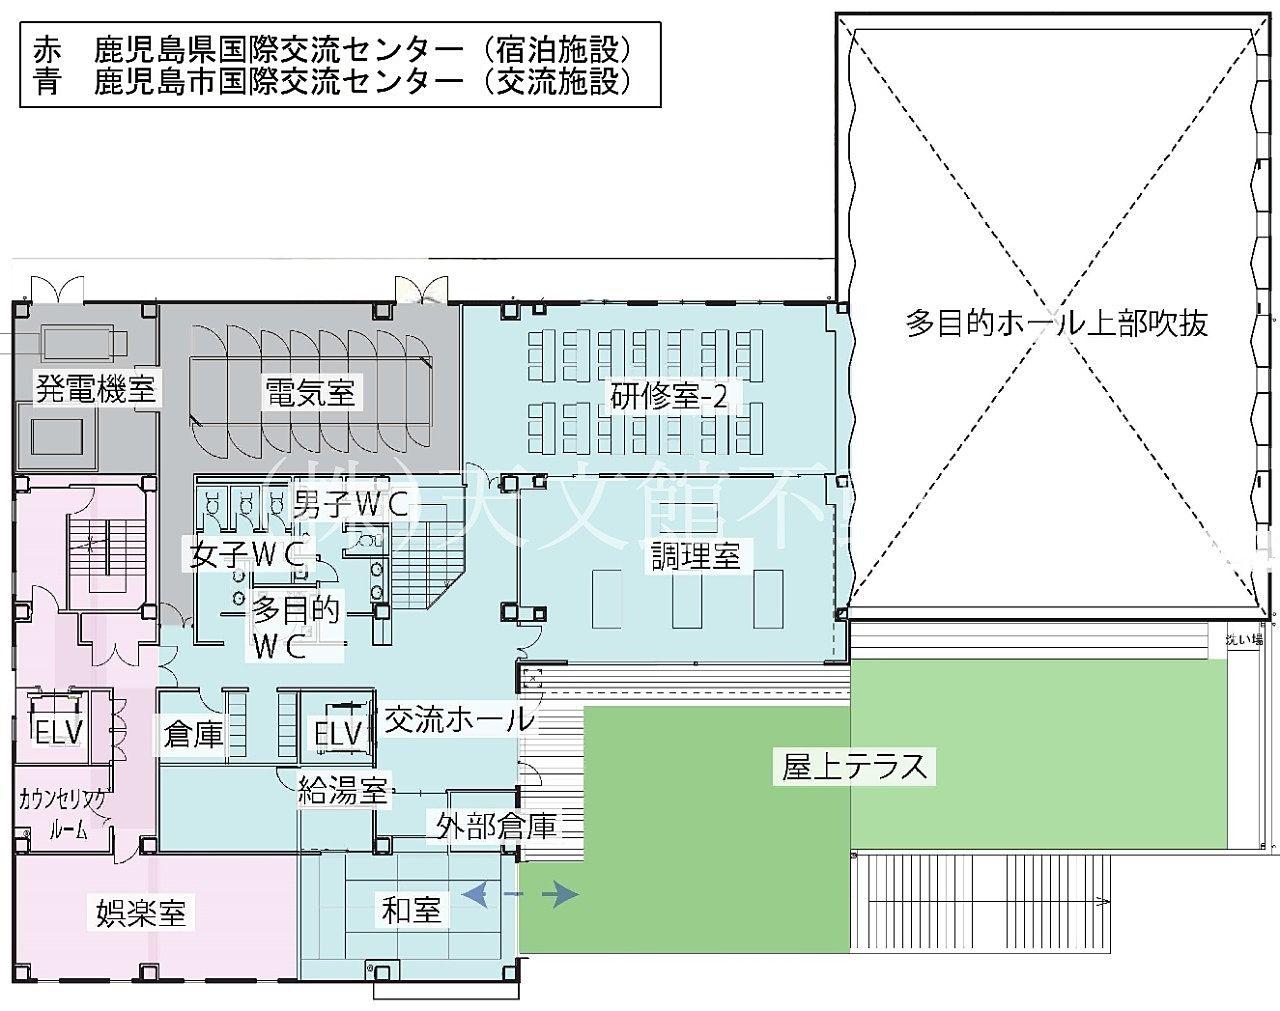 鹿児島市加治屋町の鹿児島国際交流センターの2階の見取り図